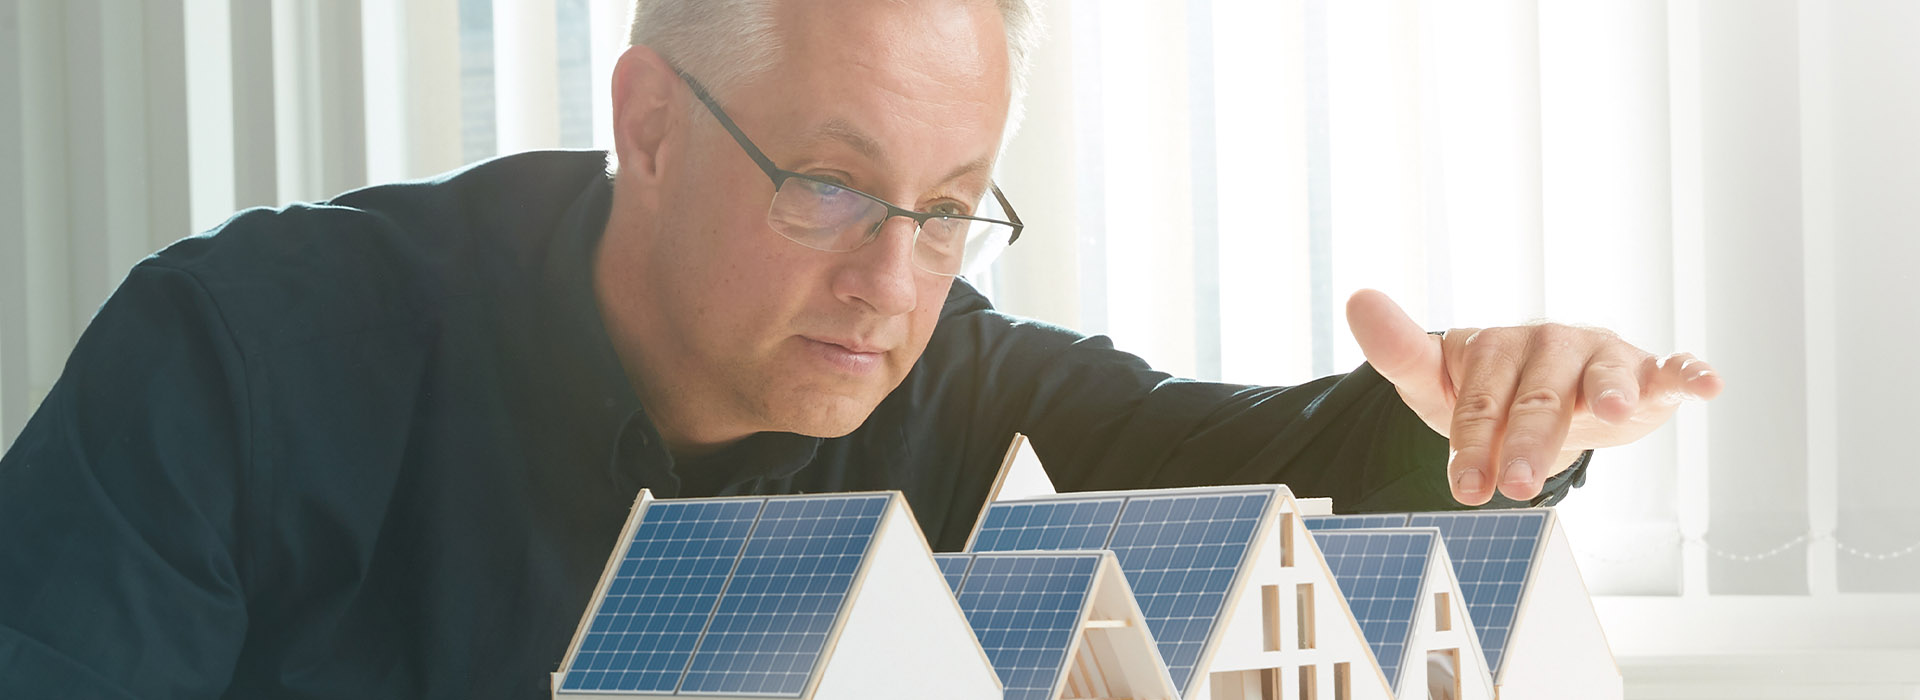 Energielösungen: ein Mitarbeiter visualisiert seine Ideen an einer Haus-Miniatur